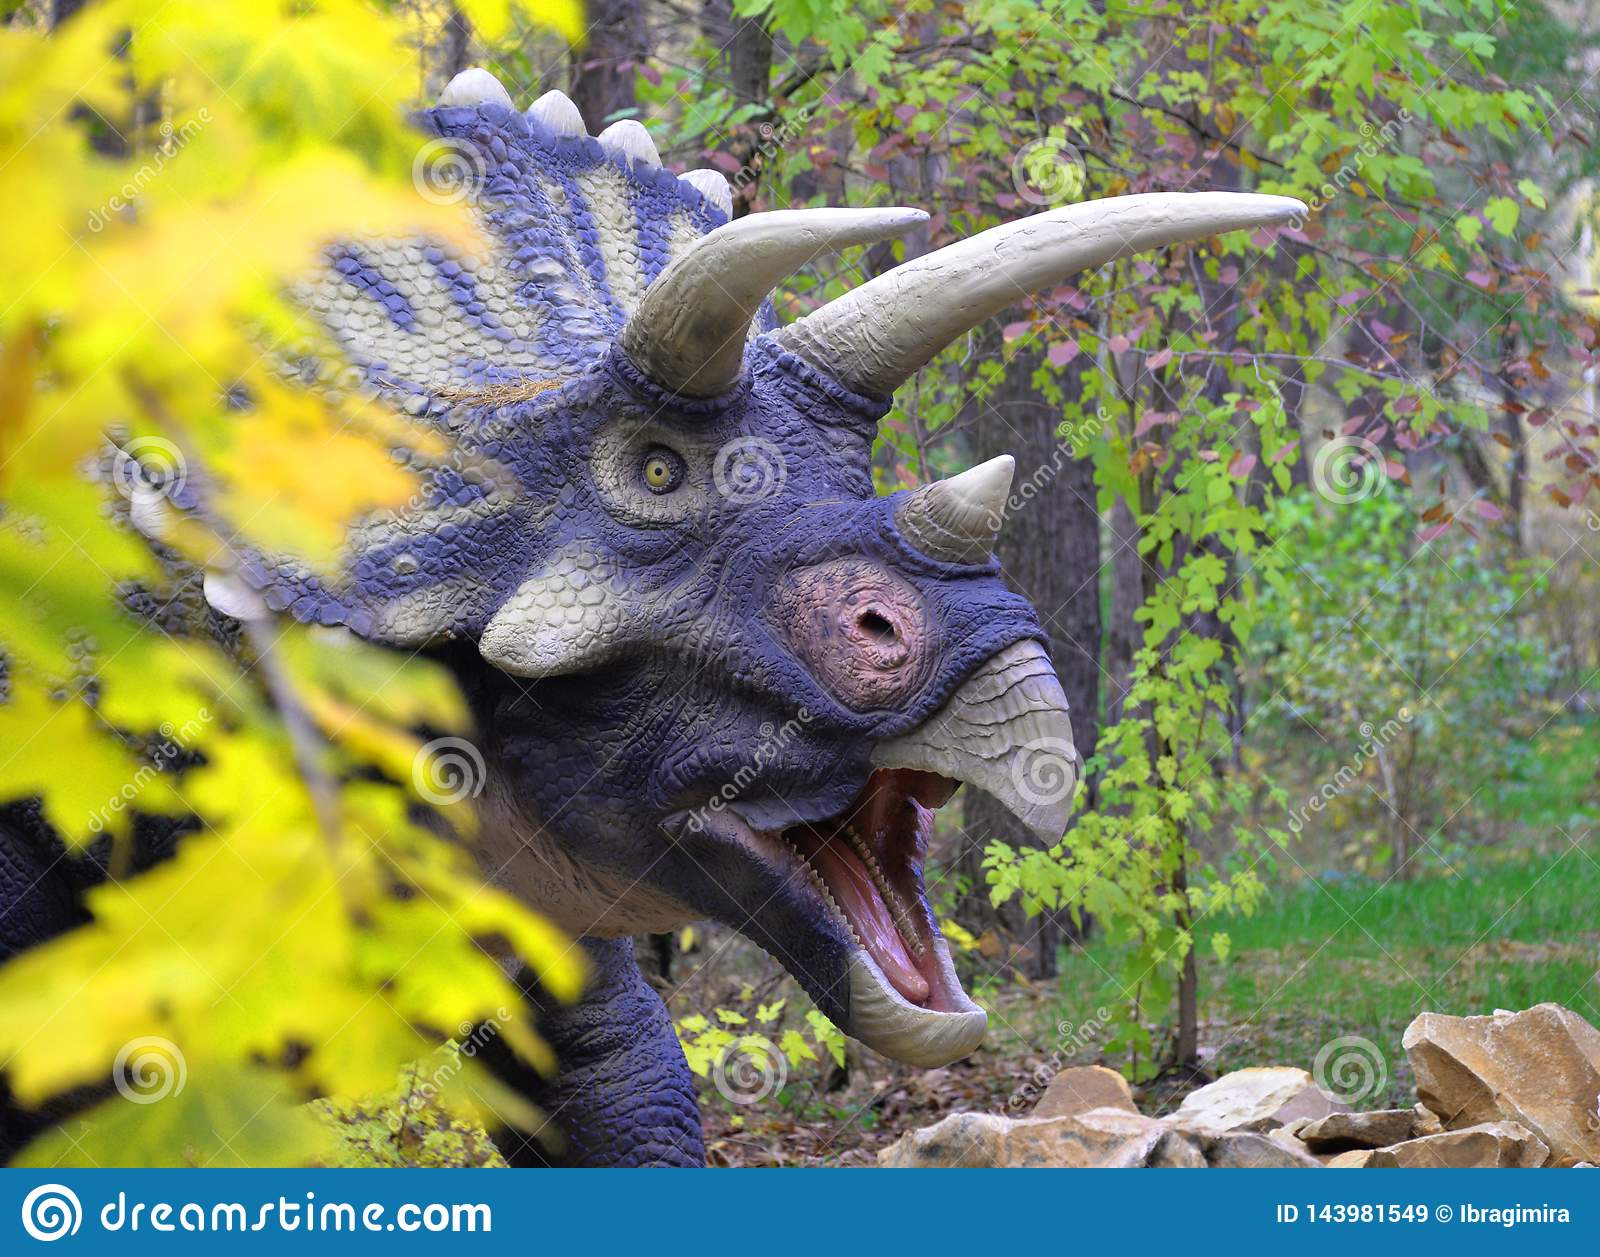 De leuke dinosaurus Triceratops kijkt uit van achter een struik in een groene weide